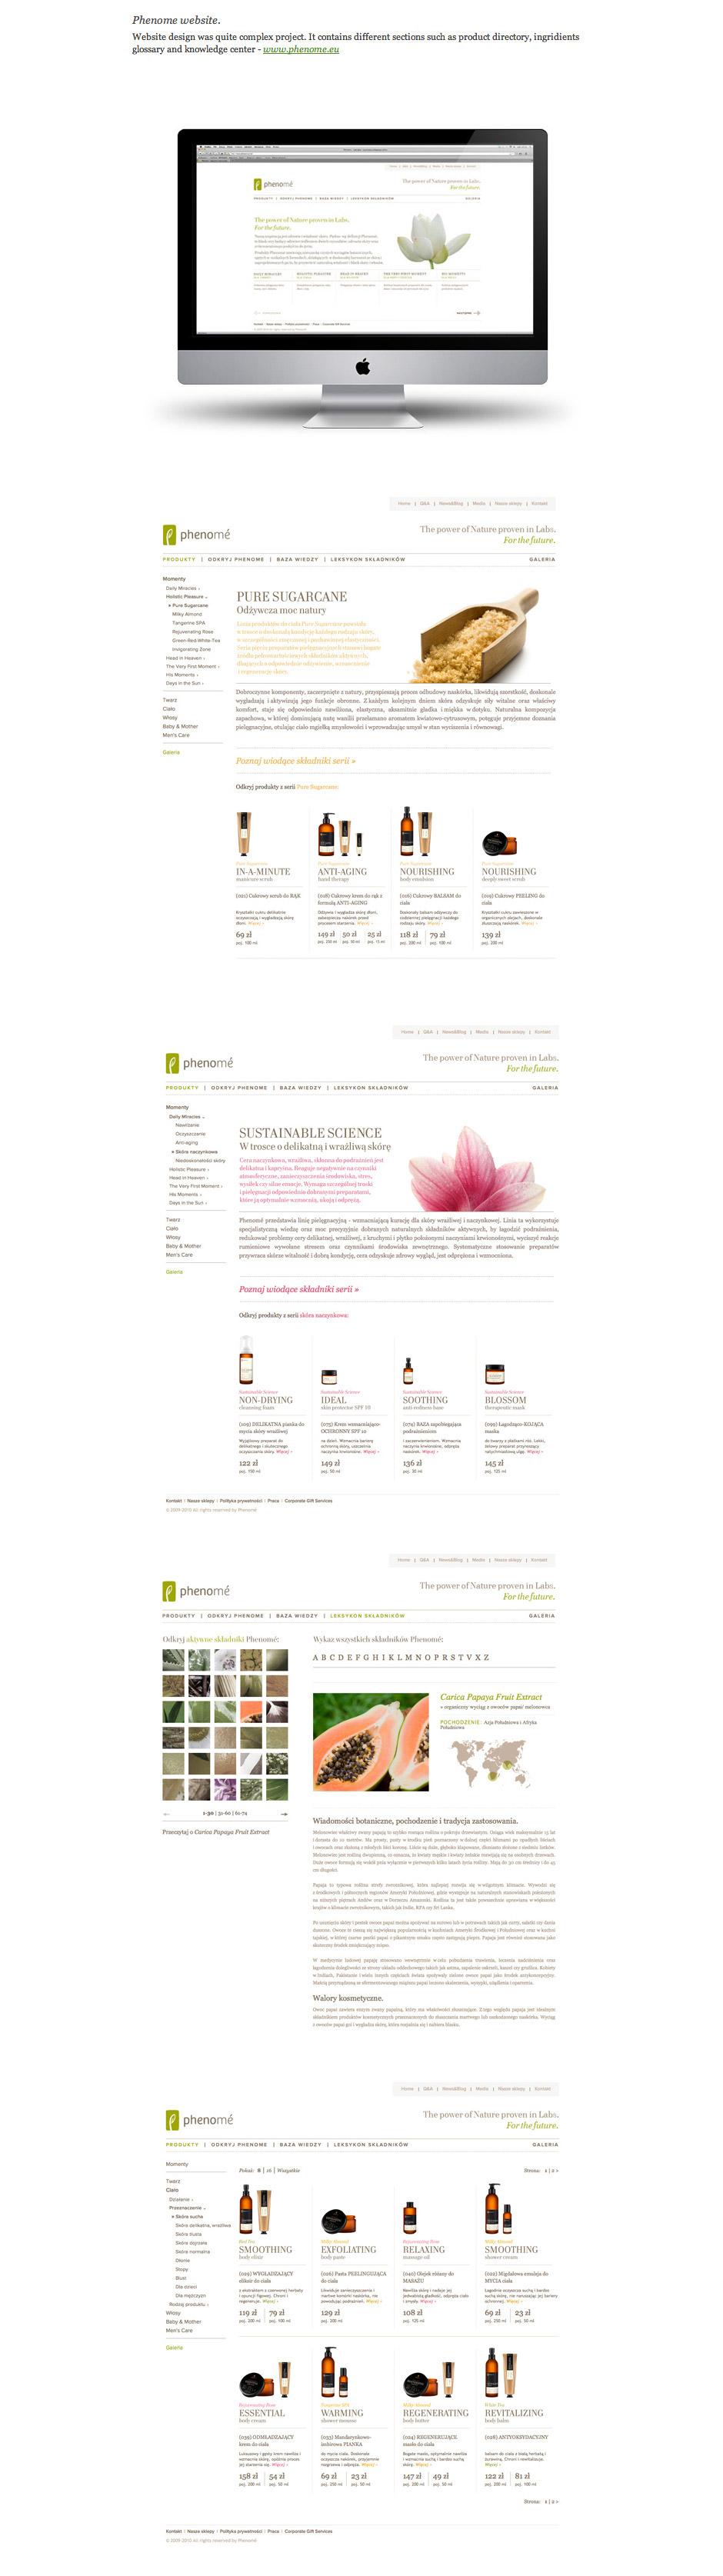 Phenome_website